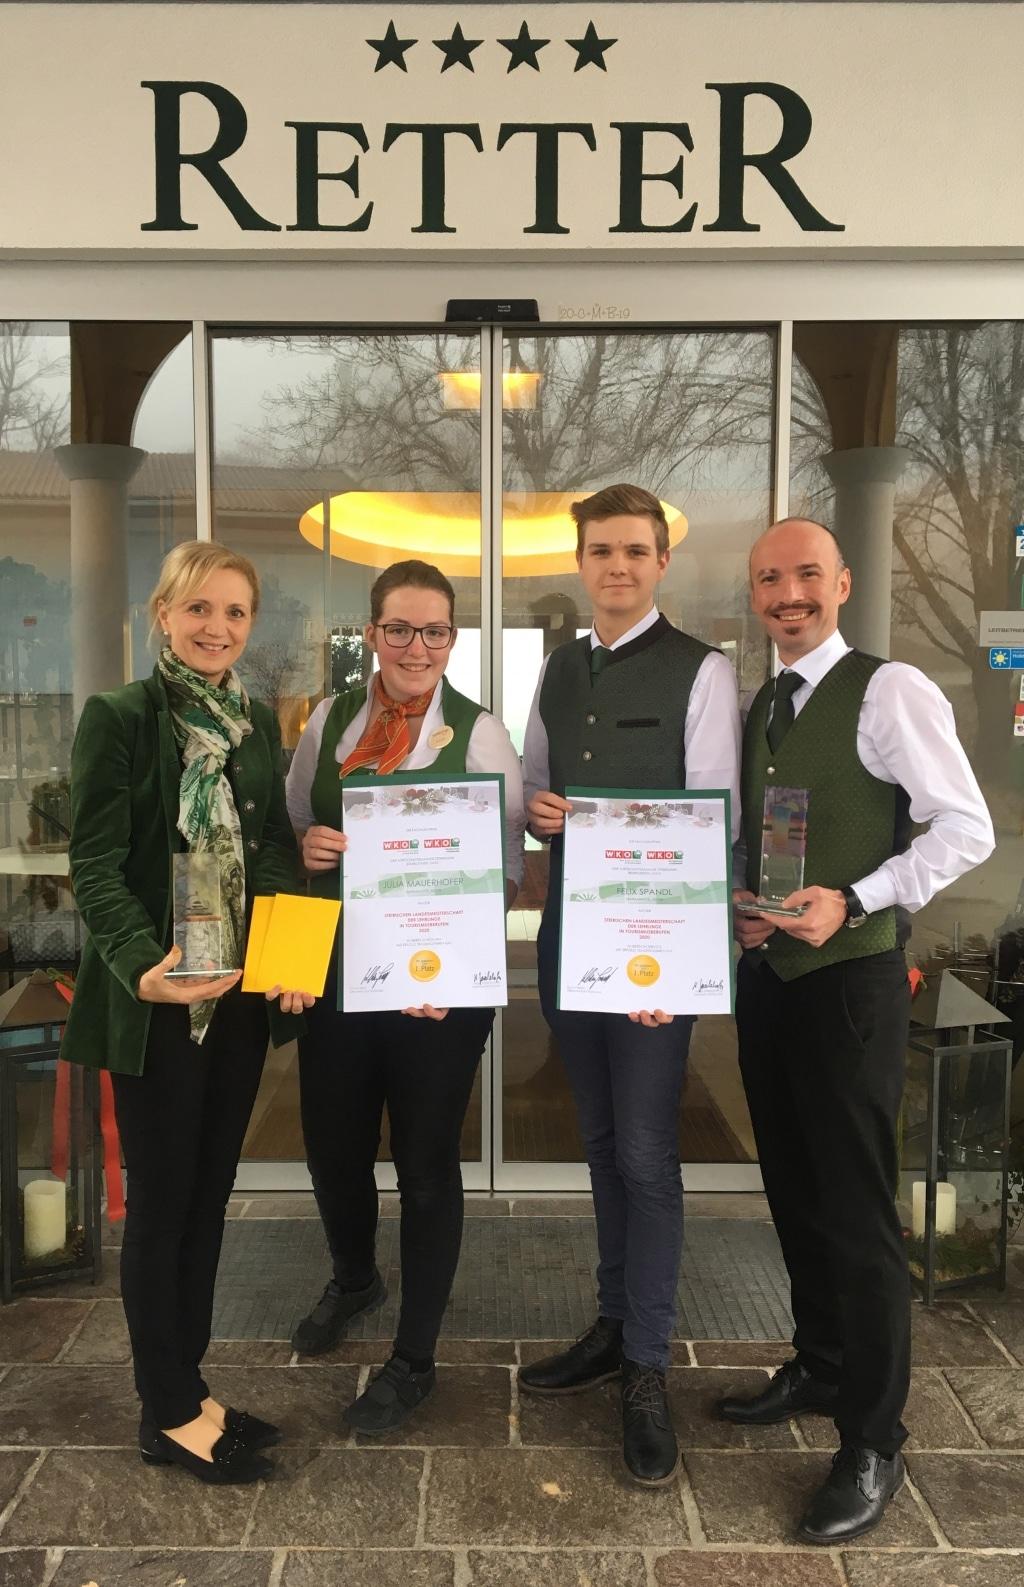 Ulli Retter und Erwin Maier gratulieren Felix Spandl und Julia Mauerhofer zum Gold bei den Landesmeisterschaften der Gastronomie